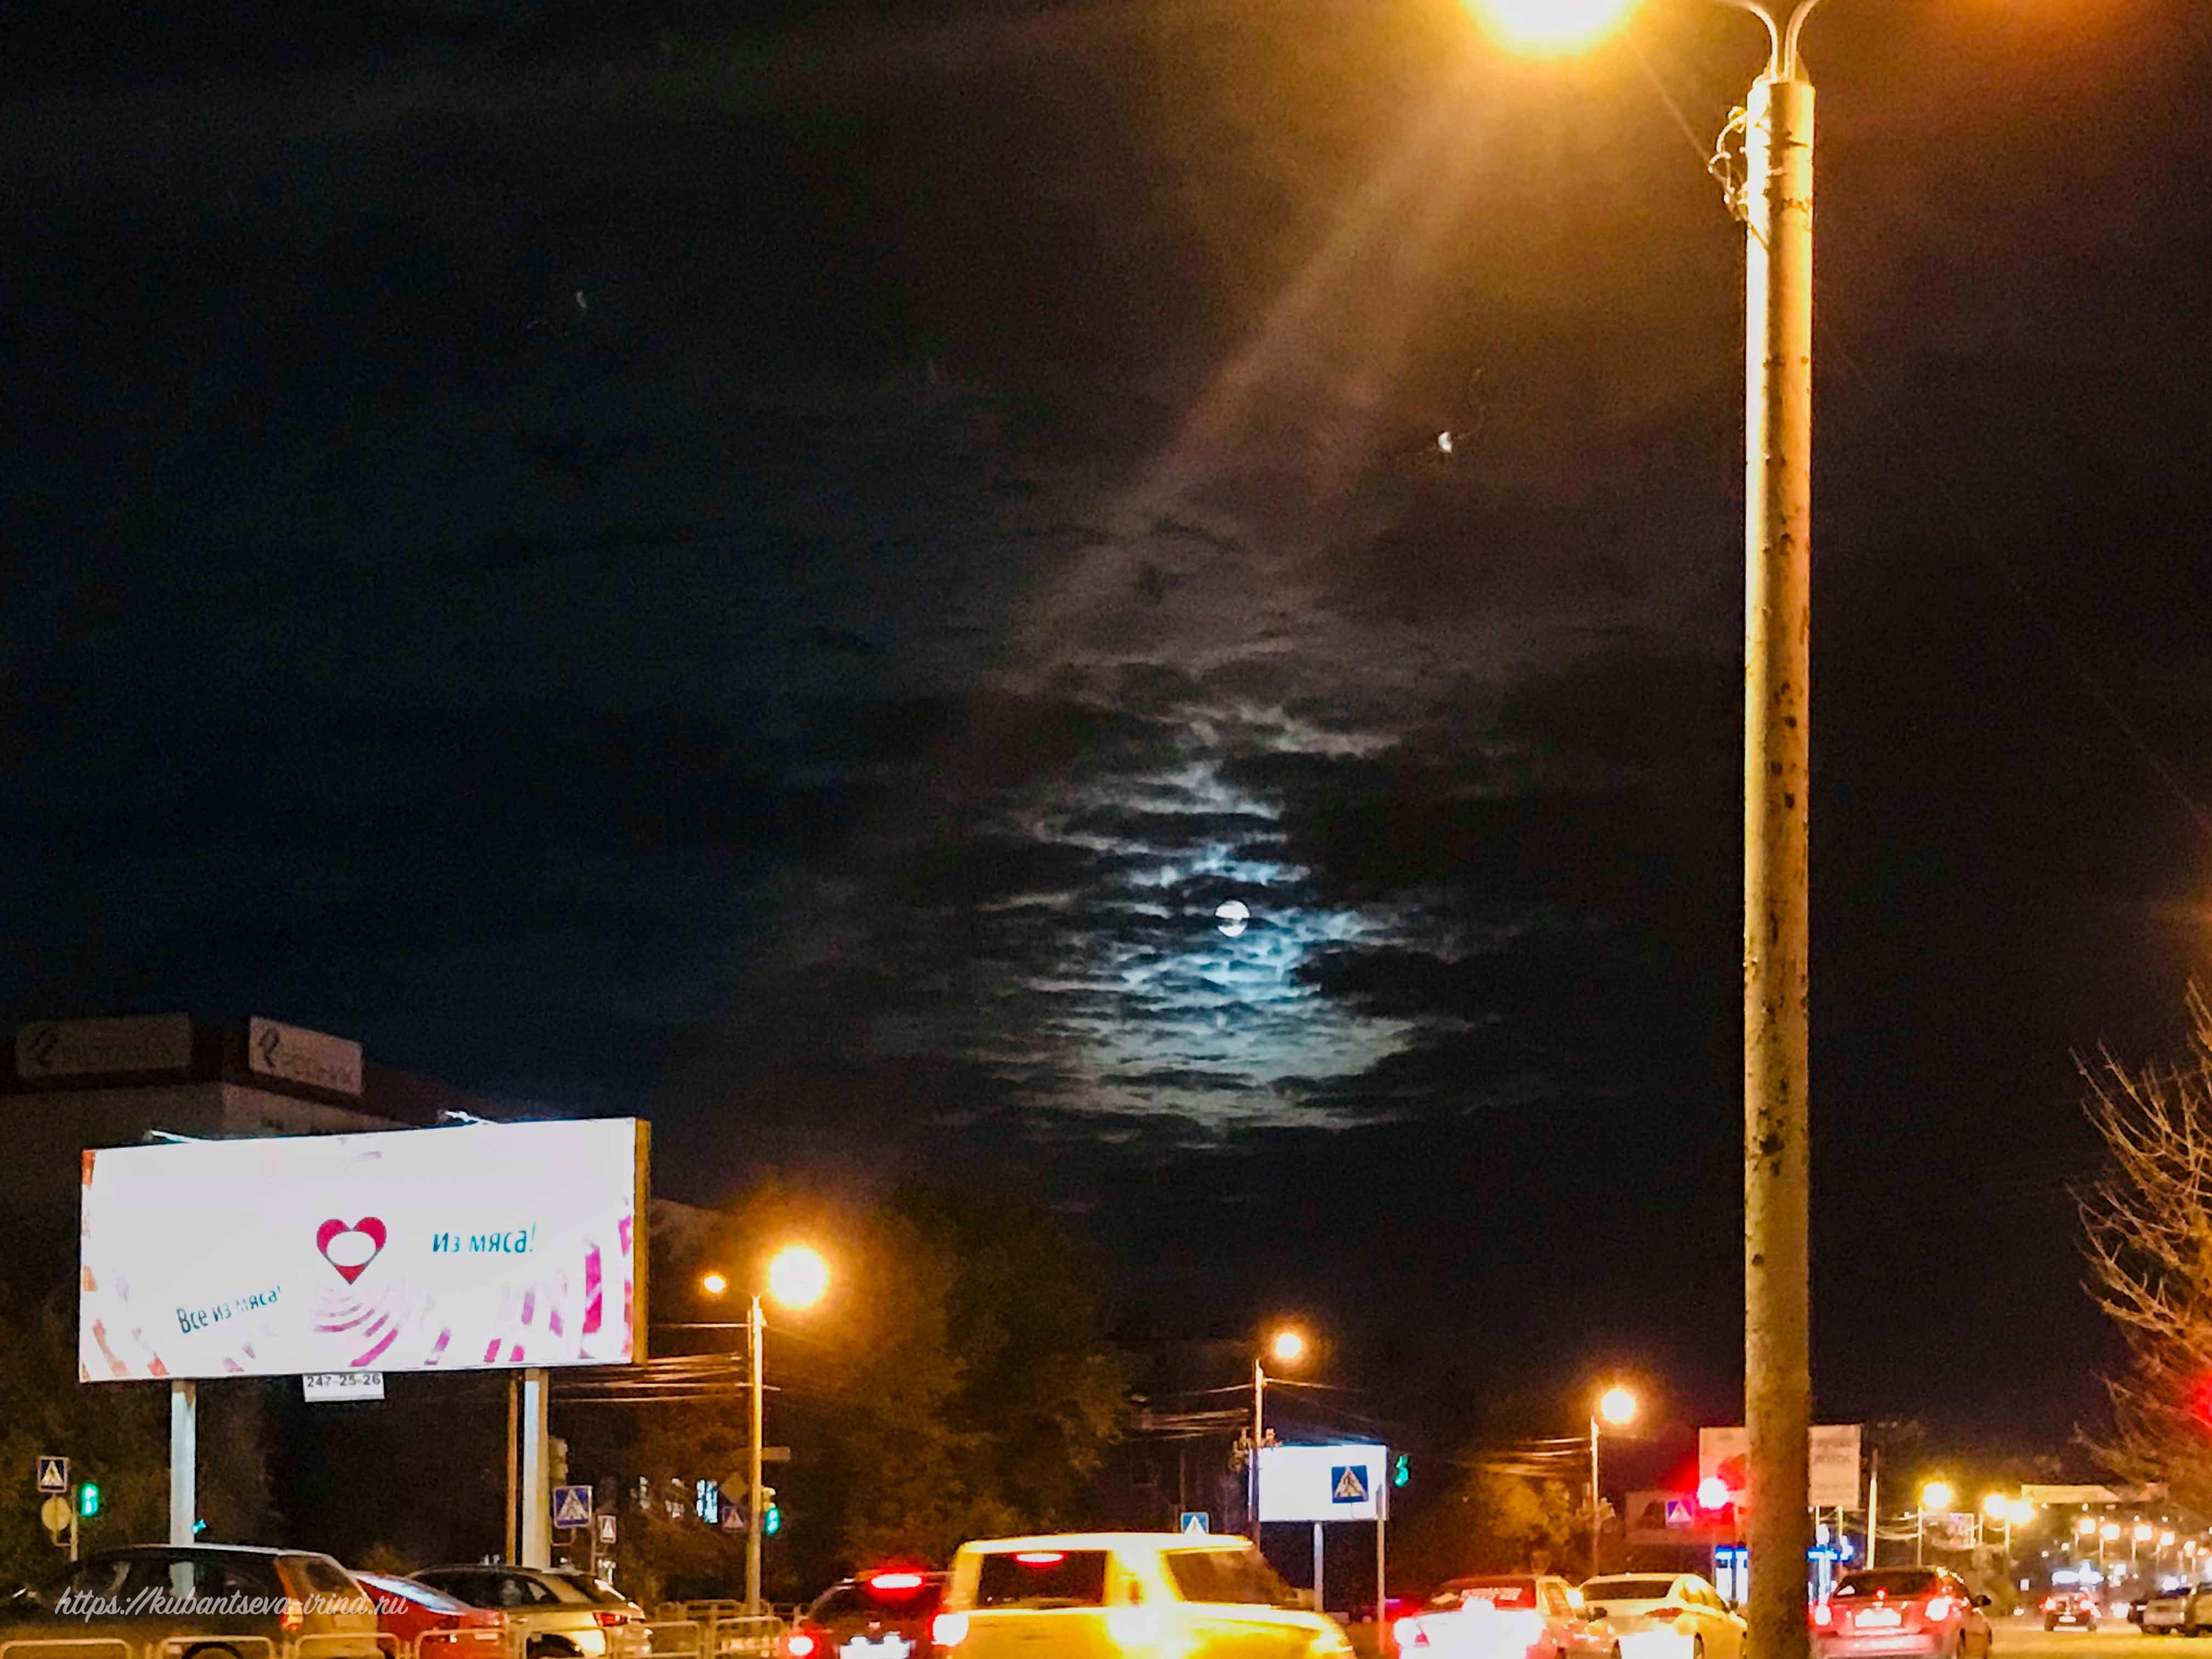 Луна сквозь свет фонарей фото